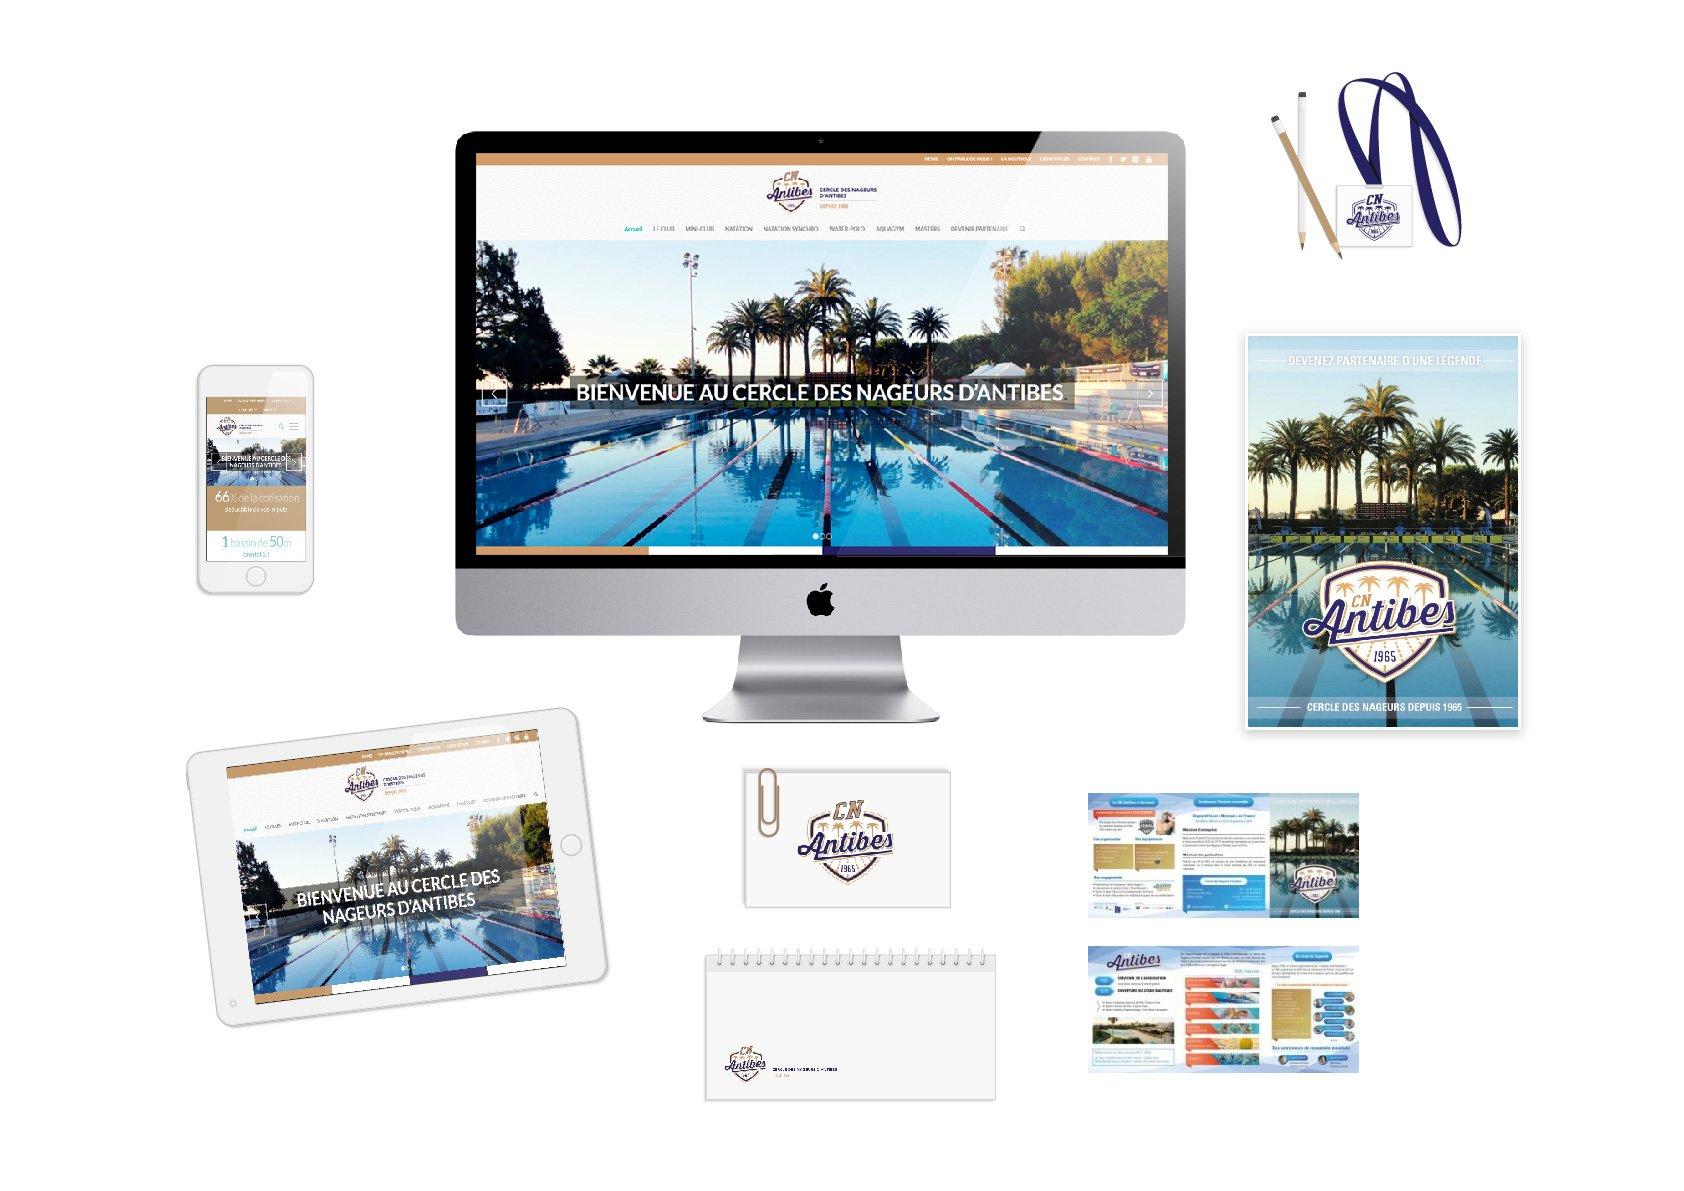 Cercle des nageurs d'Antibes - Identite visuelle